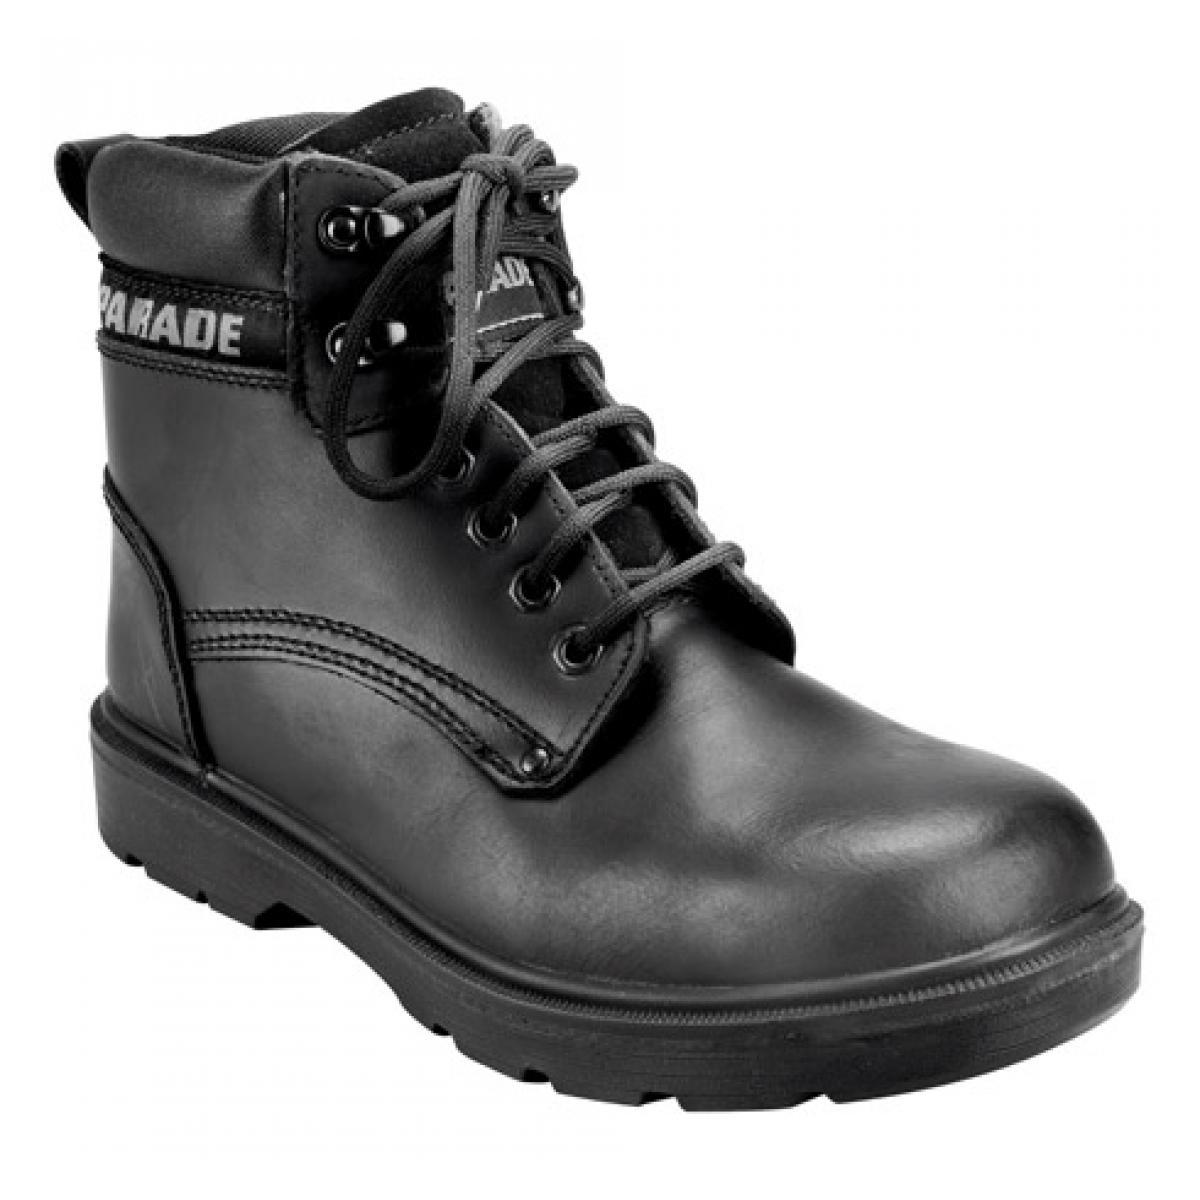 Parade Paire de chaussures brodequins Parade Kansas - noir - Pointure 43